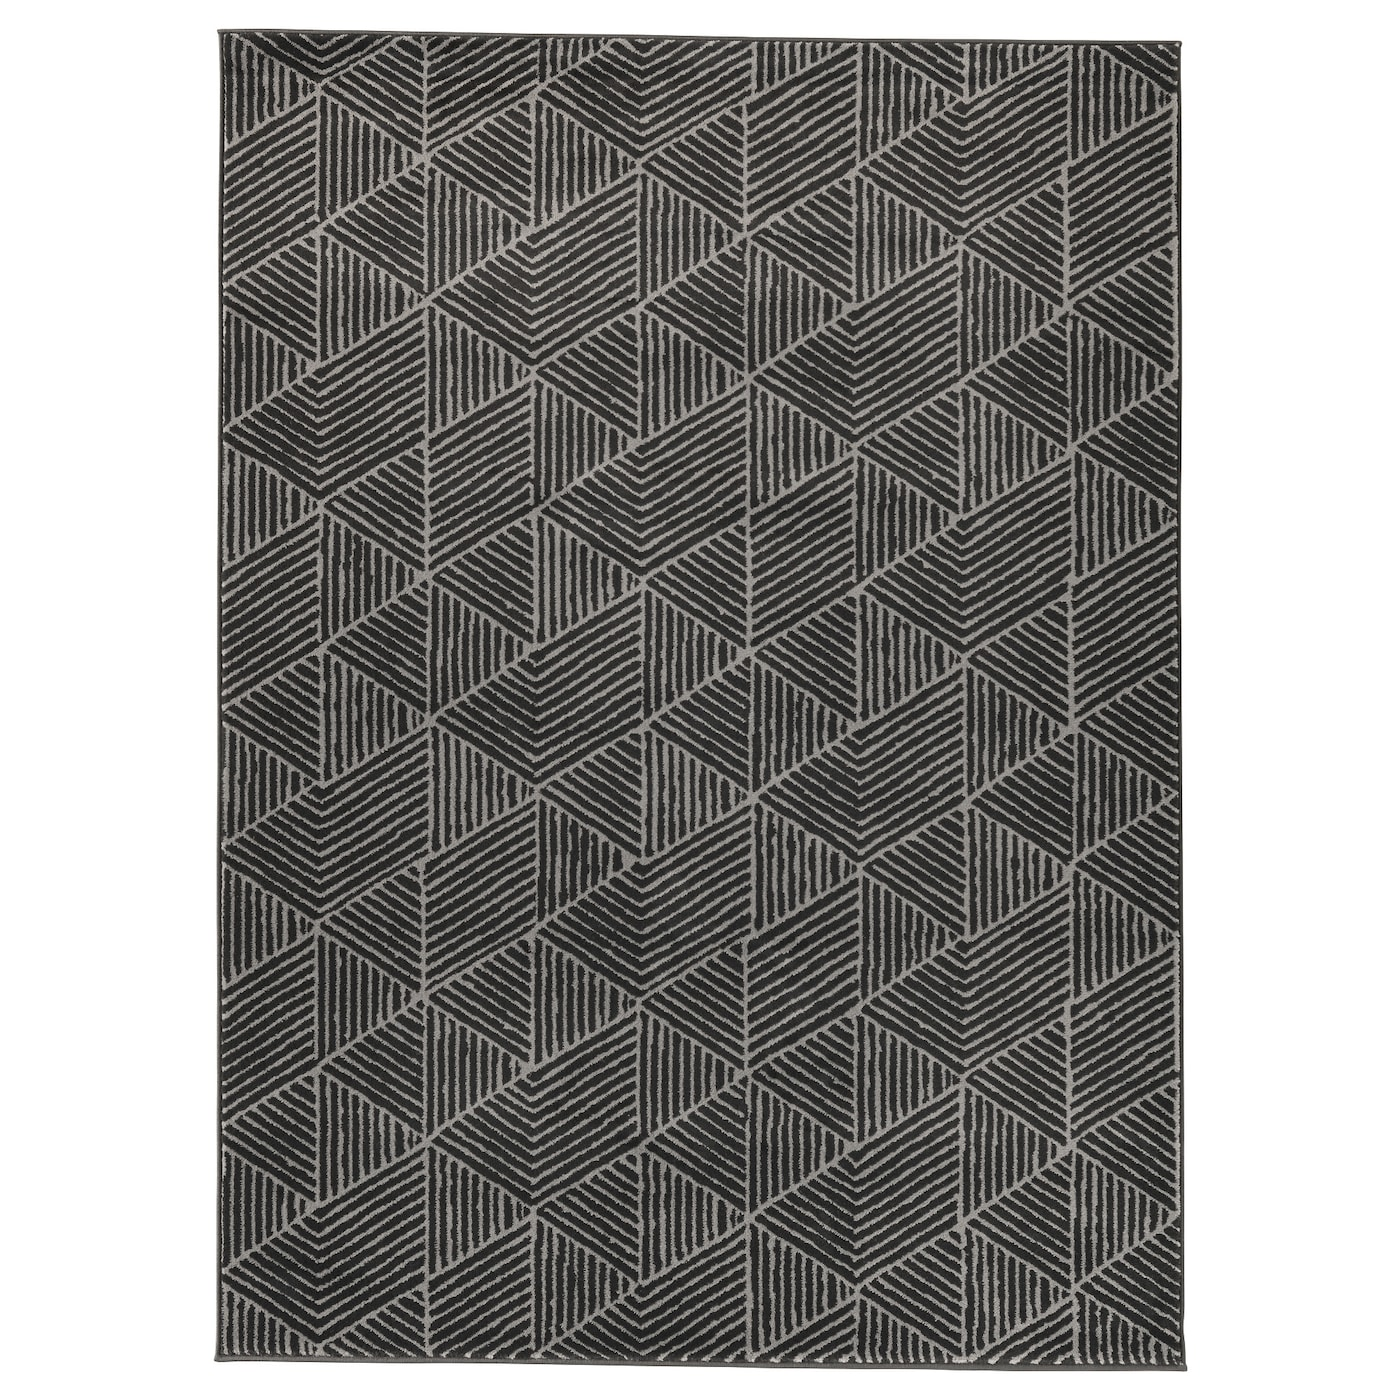 Stenlille tapis poils ras gris 170x240 cm ikea - Tapis gris ikea ...